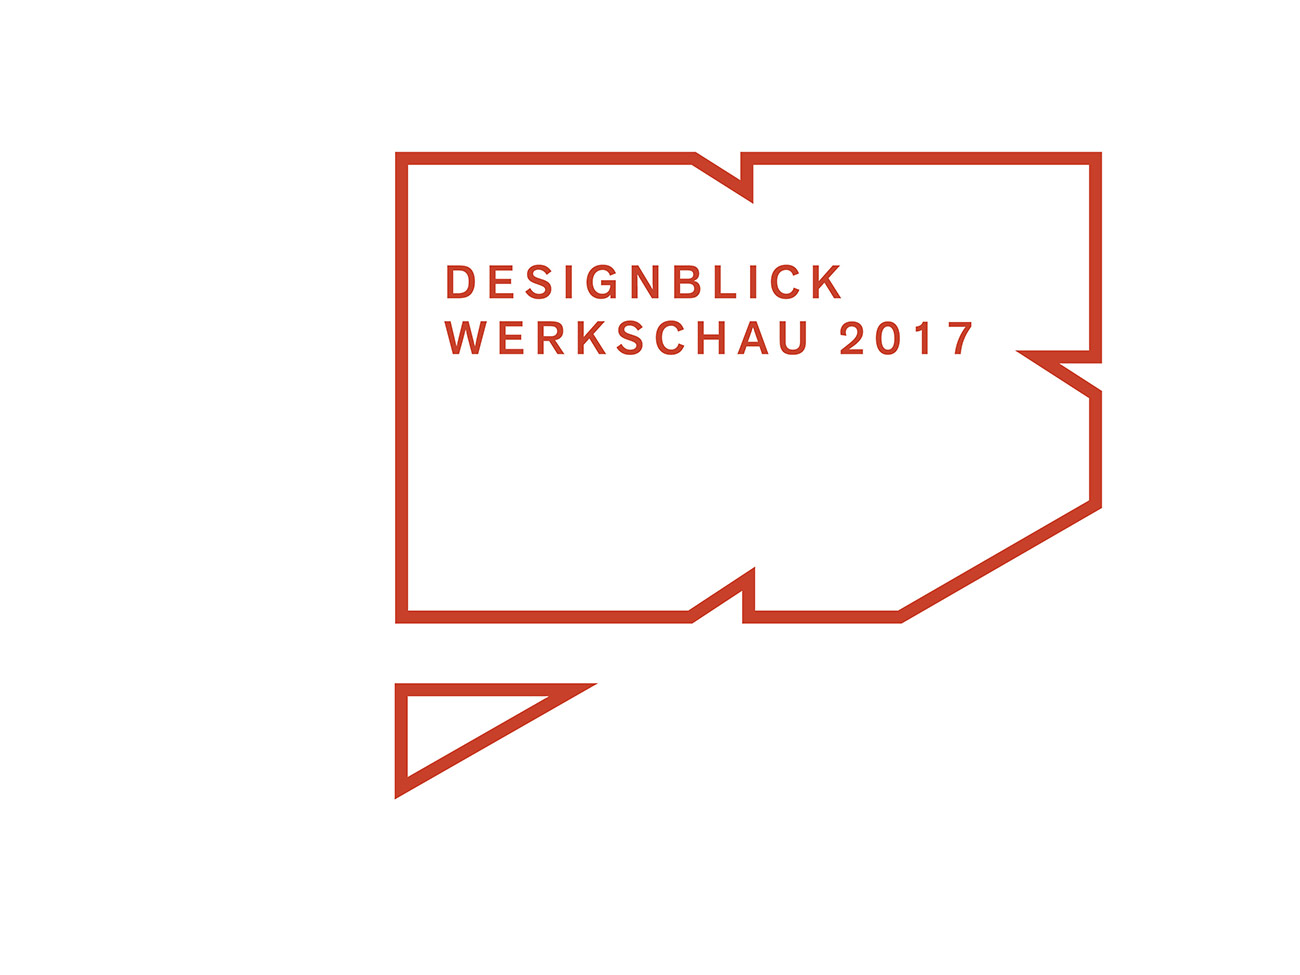 buk_werkschau_januar_2017_designblick-werkschau-2017